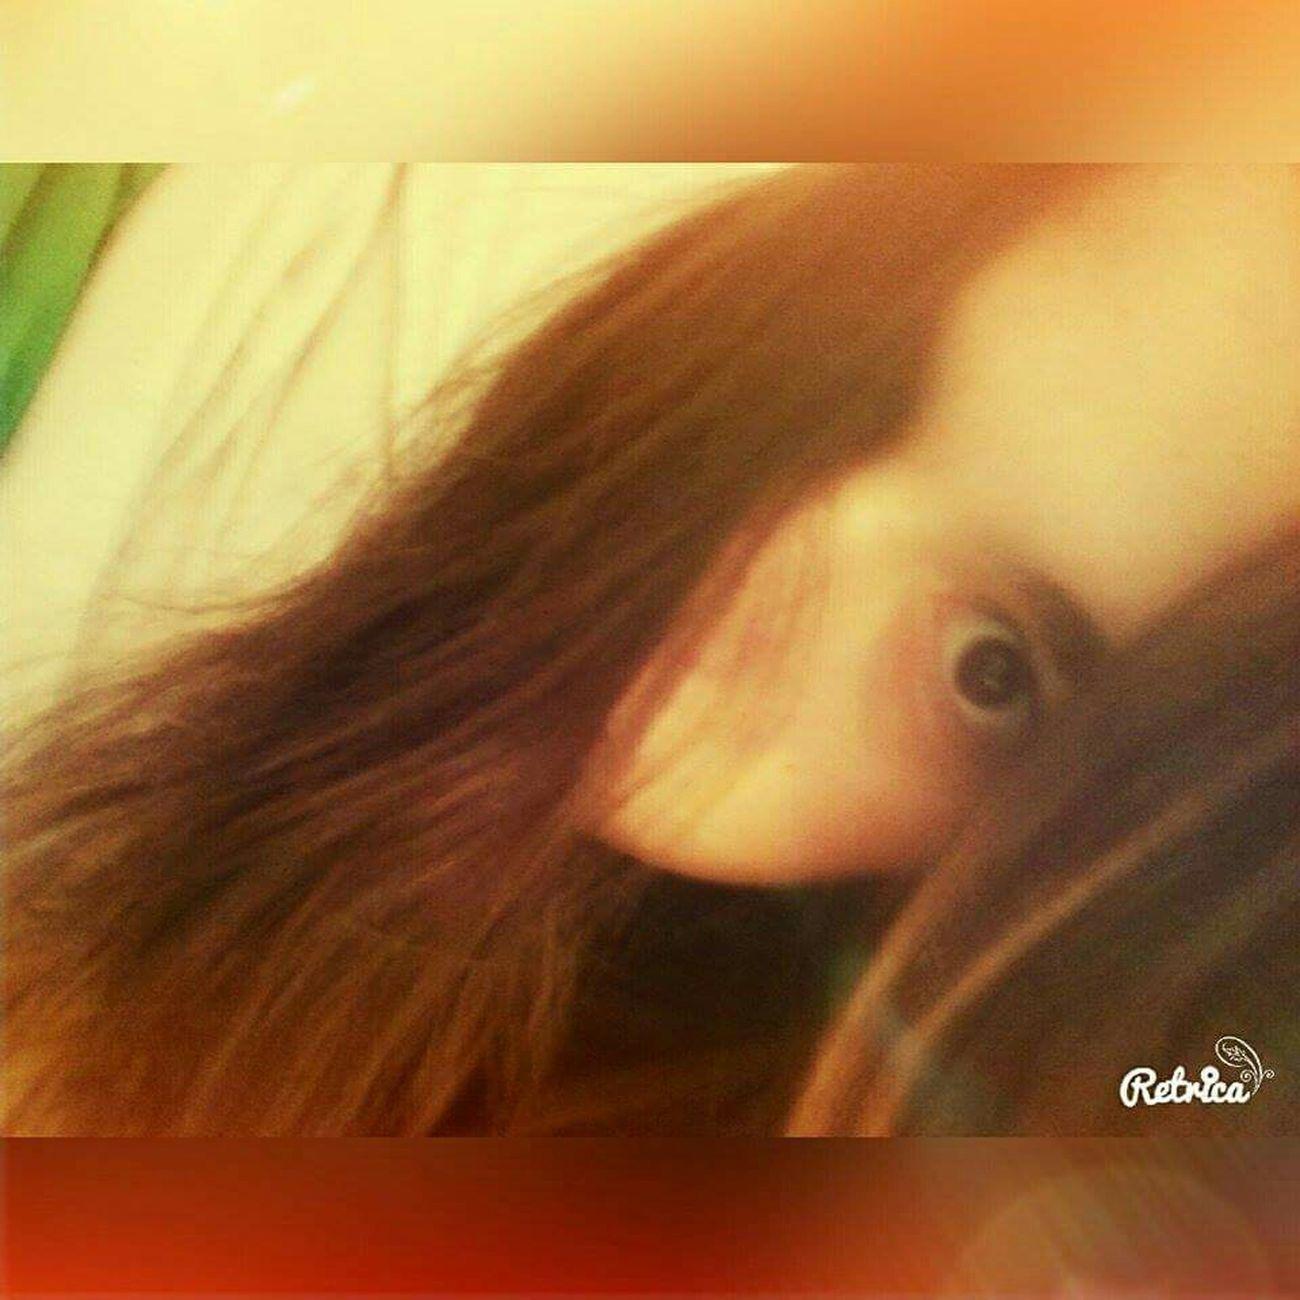 Crazy Phycho Creepy Stupid Girl 😹💘I need a doctor rigth now 😅💘👊 Follow4follow I Follow Back 😌👊